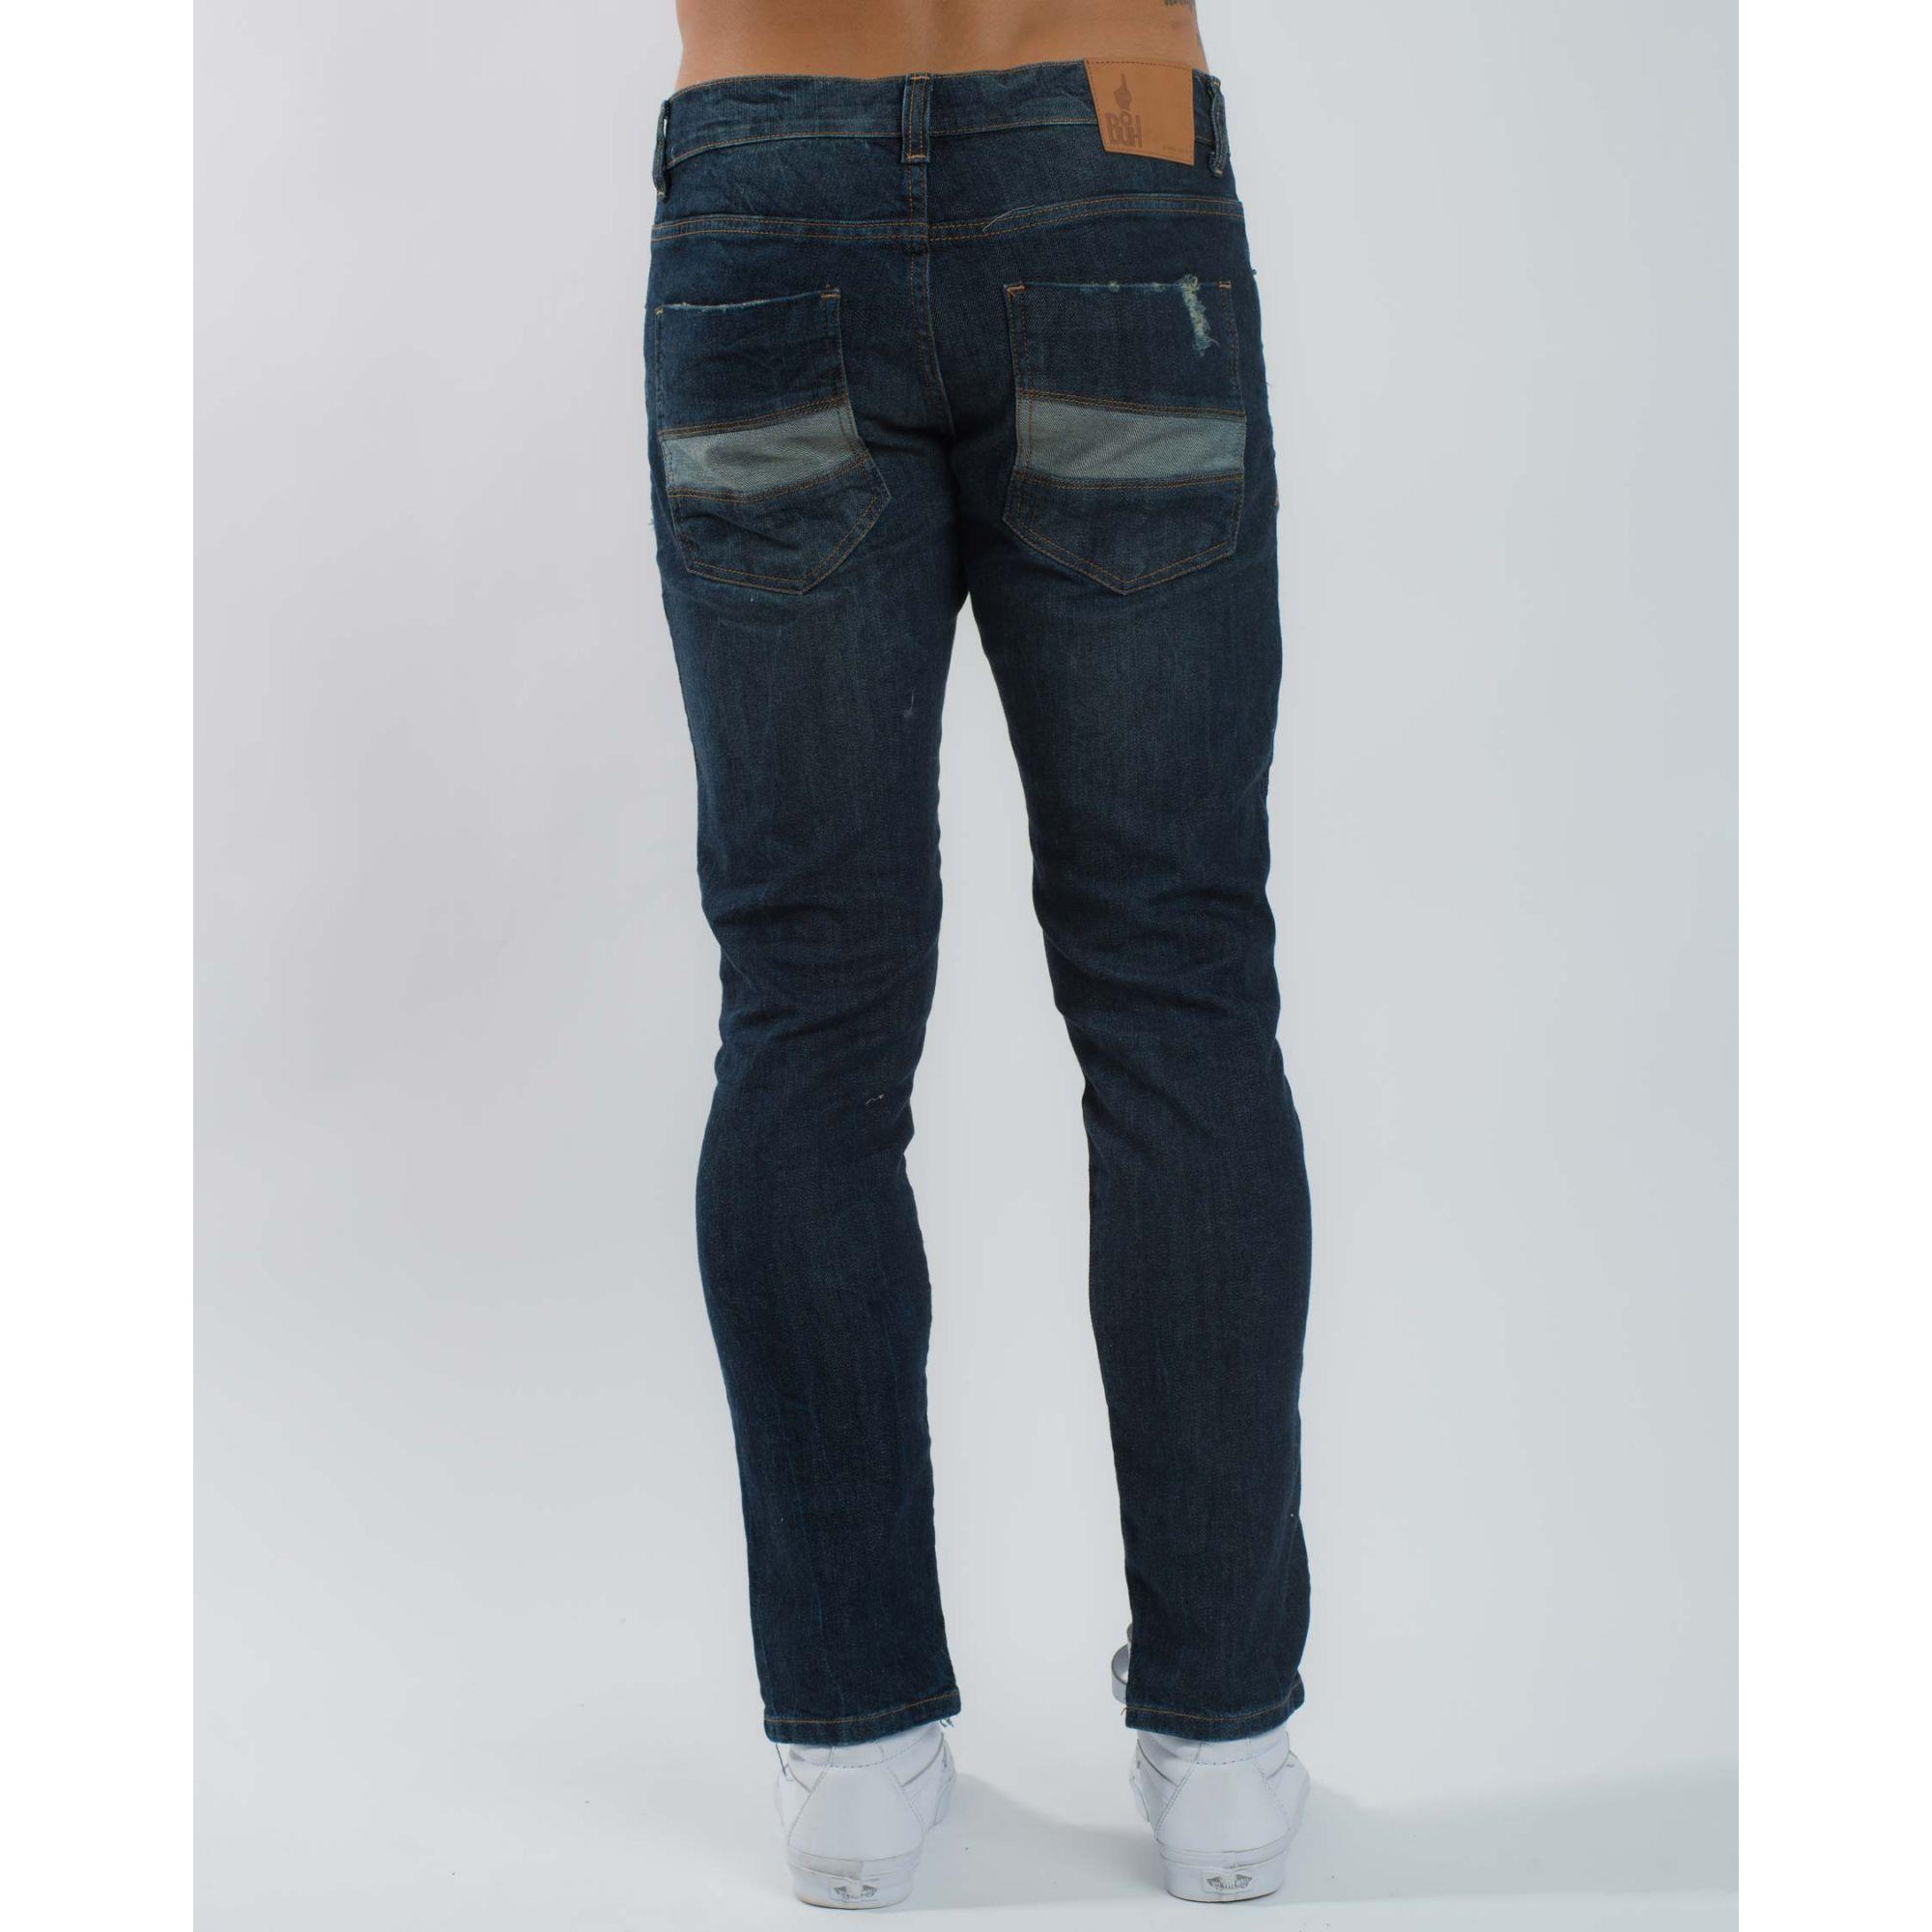 Calça Jeans Ripped Azul Escuro